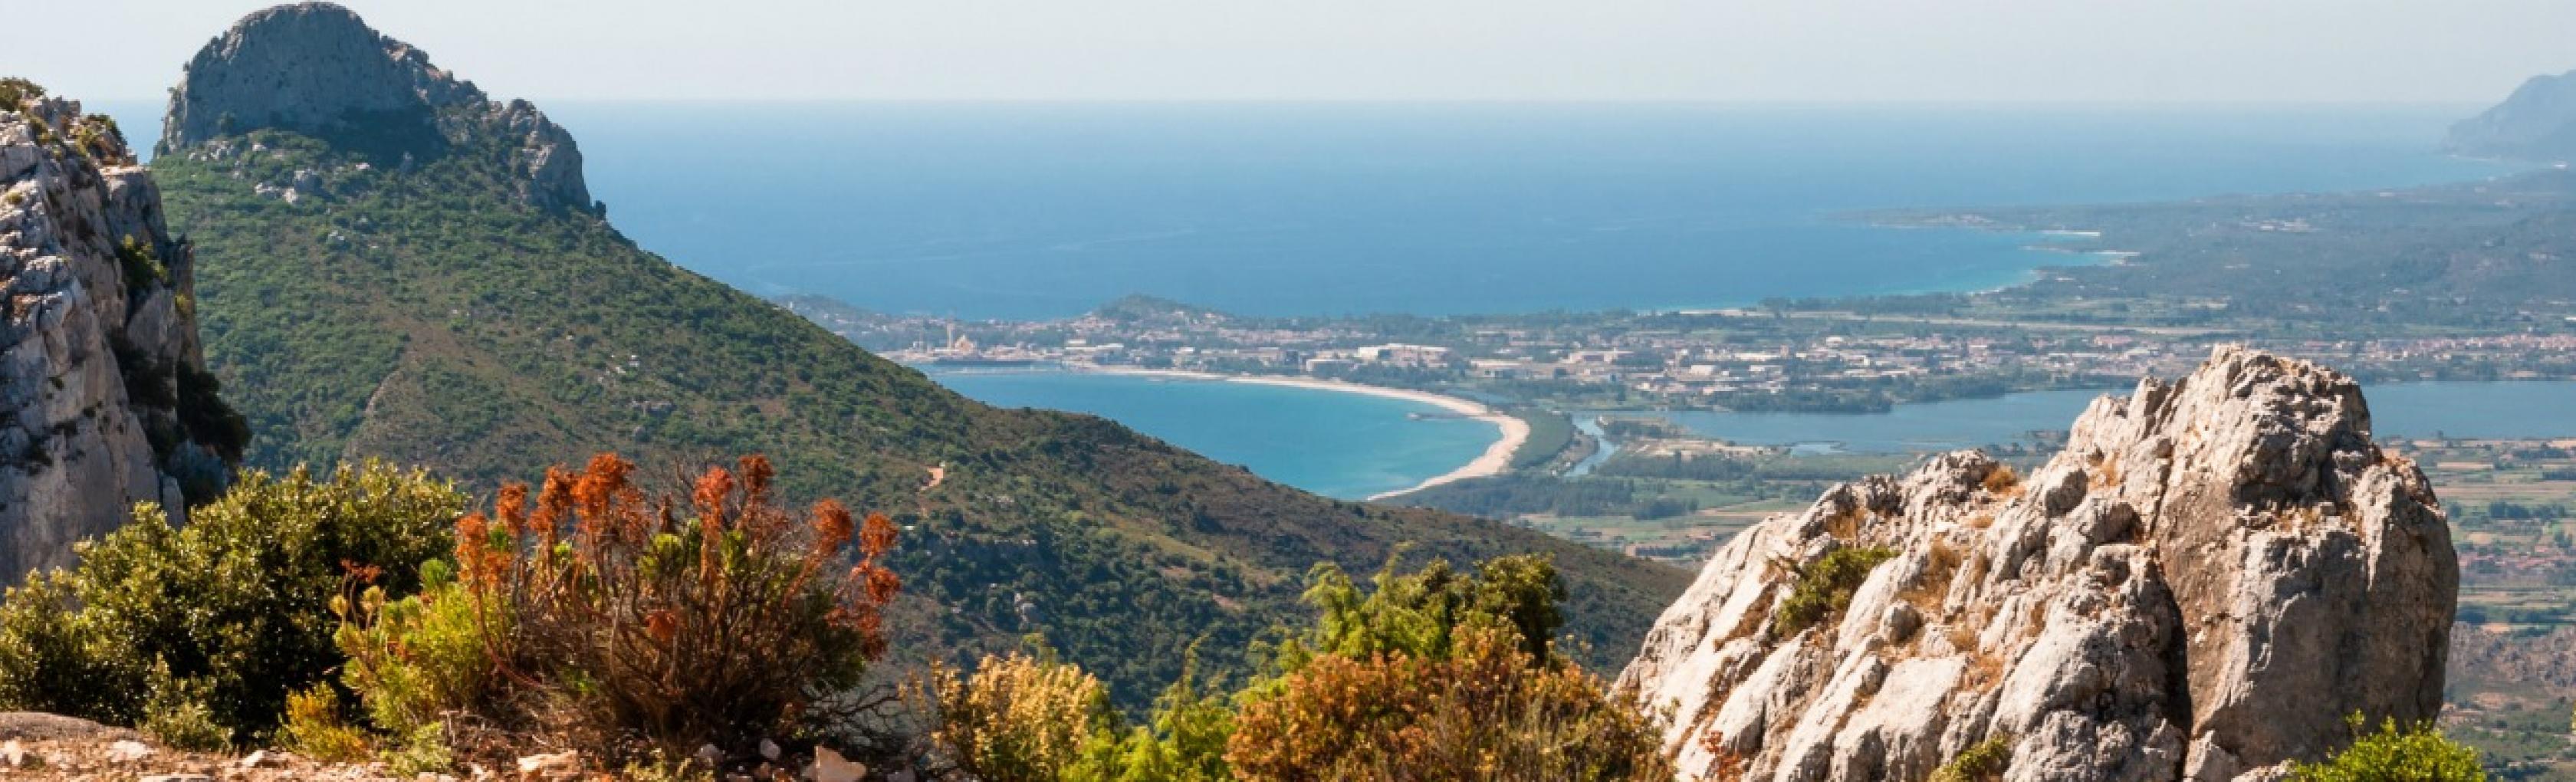 Arbatax veduta panoramica - Tortolì